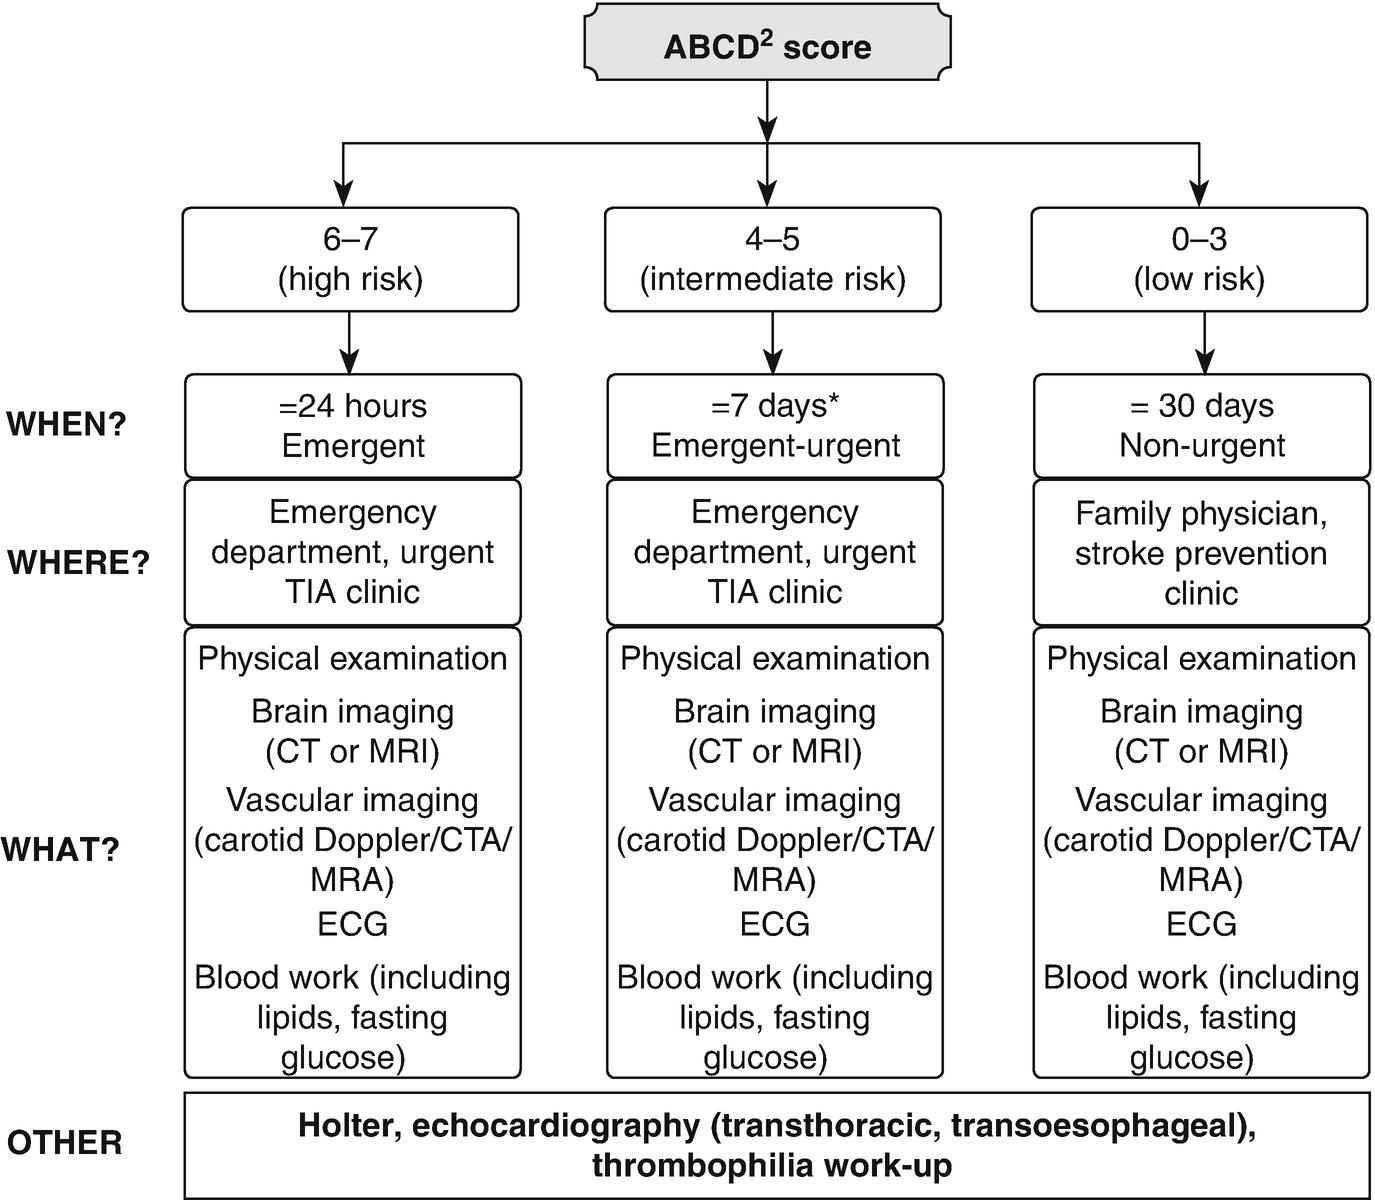 azithromycin 500 mg mechanism of action